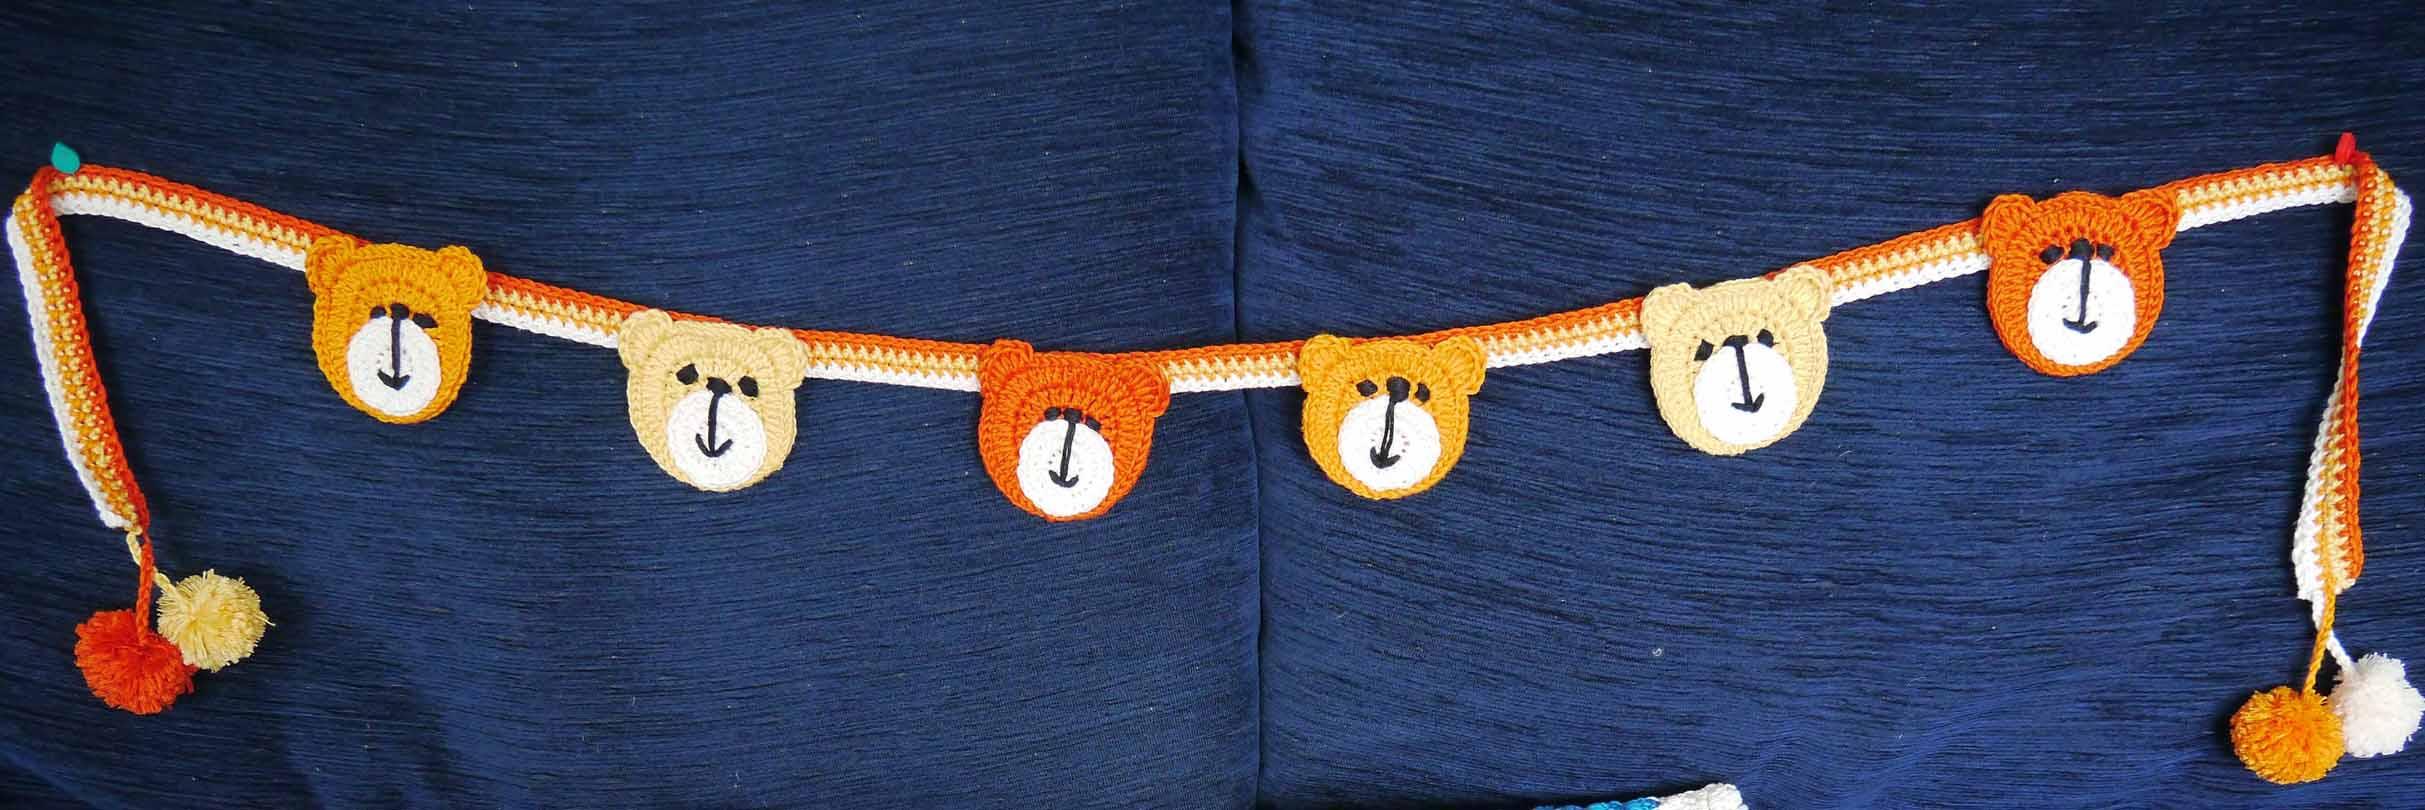 Teddy buntingblog.jpg